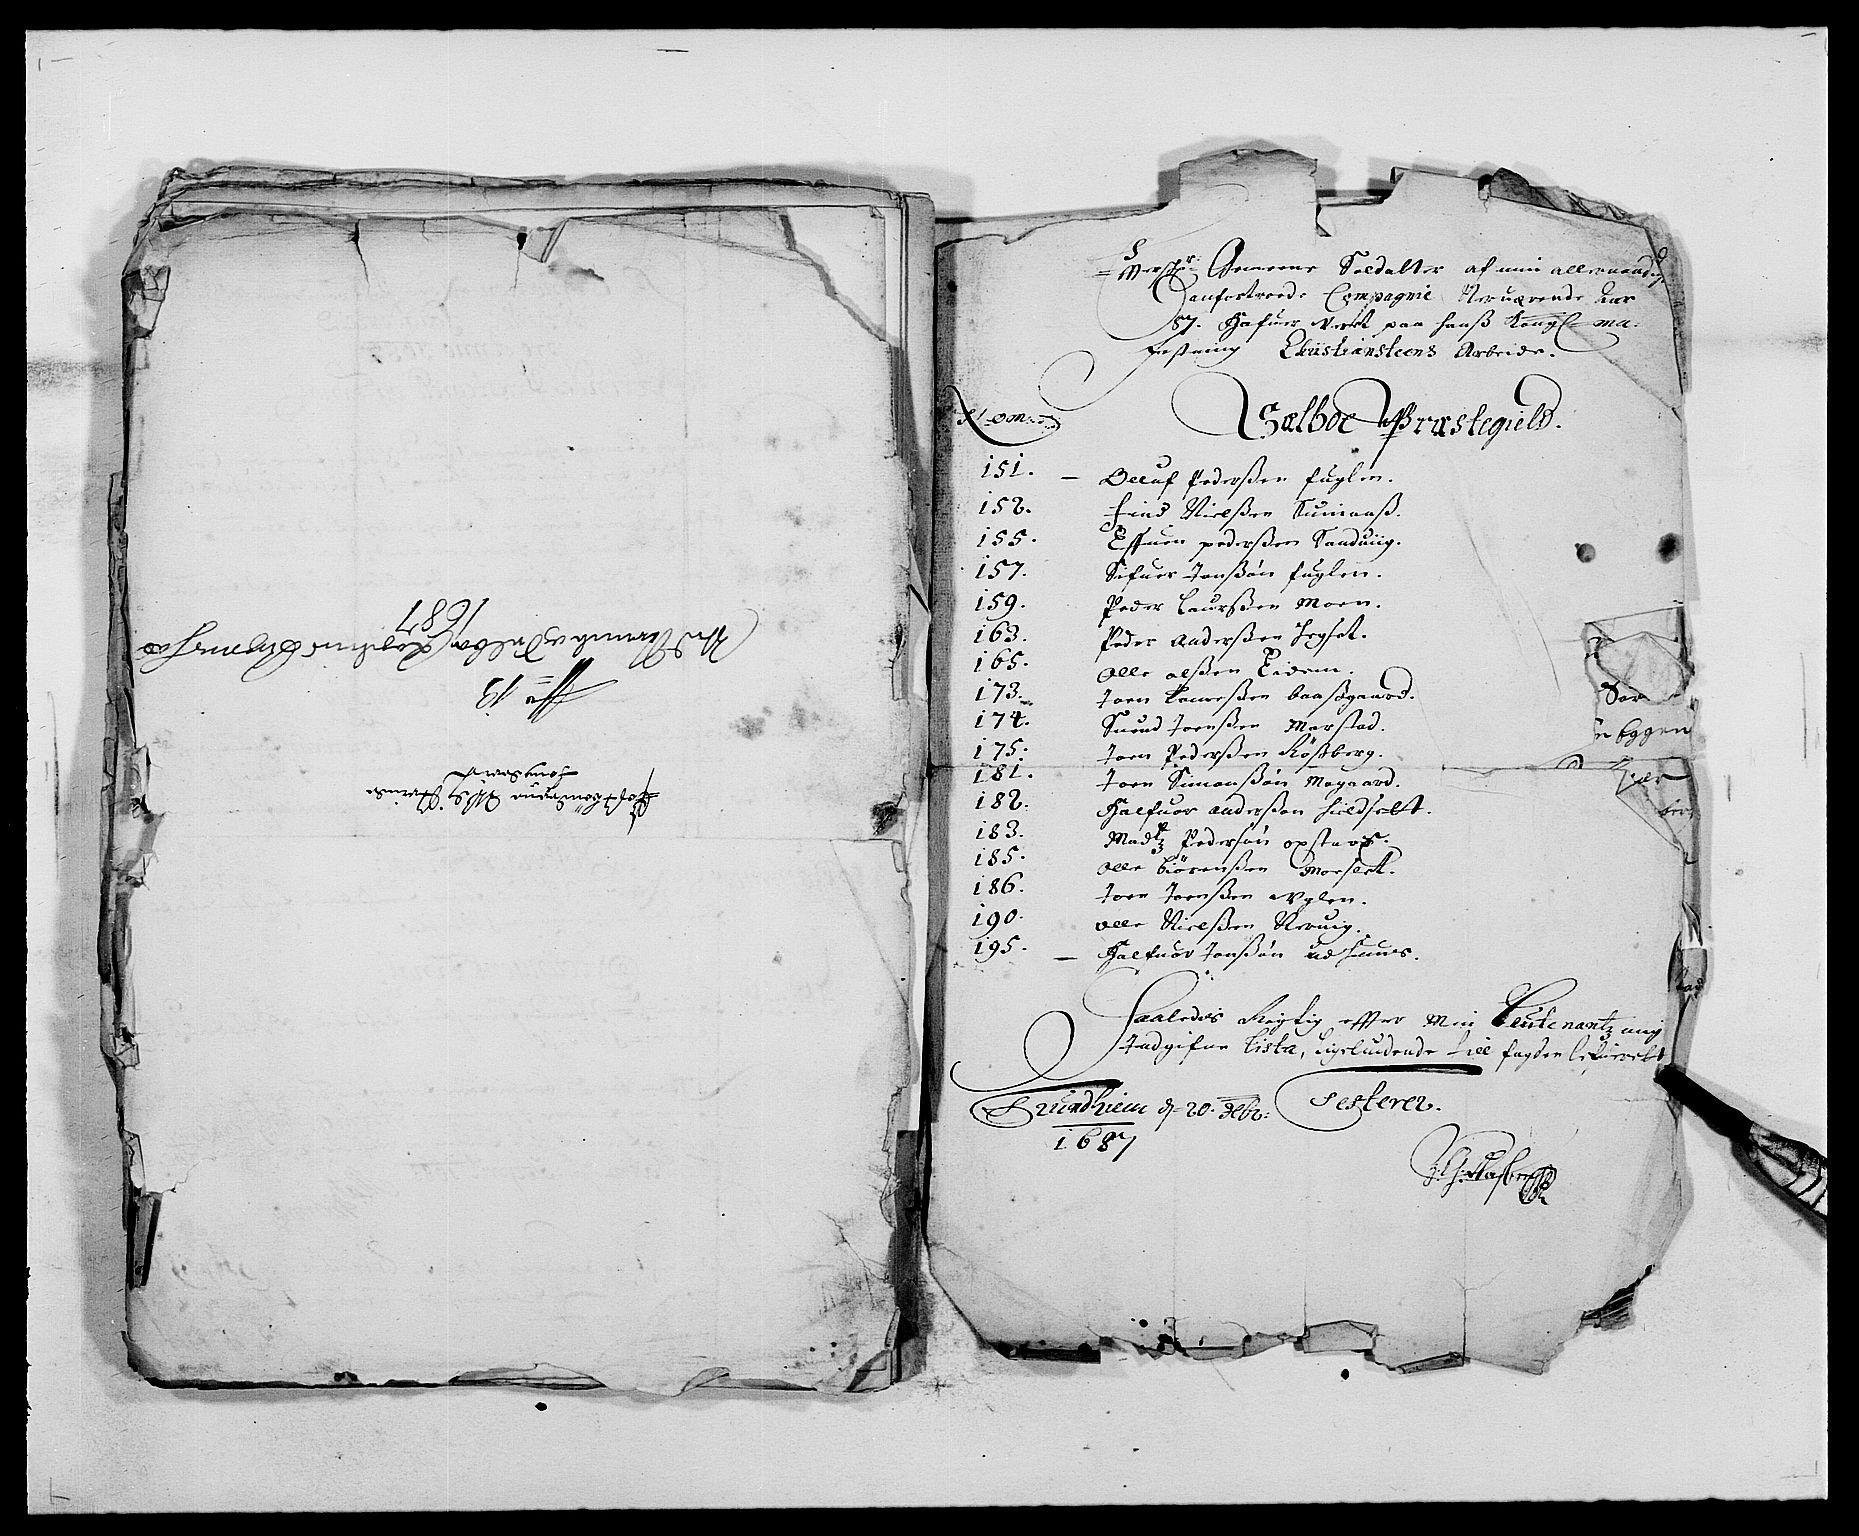 RA, Rentekammeret inntil 1814, Reviderte regnskaper, Fogderegnskap, R61/L4101: Fogderegnskap Strinda og Selbu, 1687-1688, s. 153